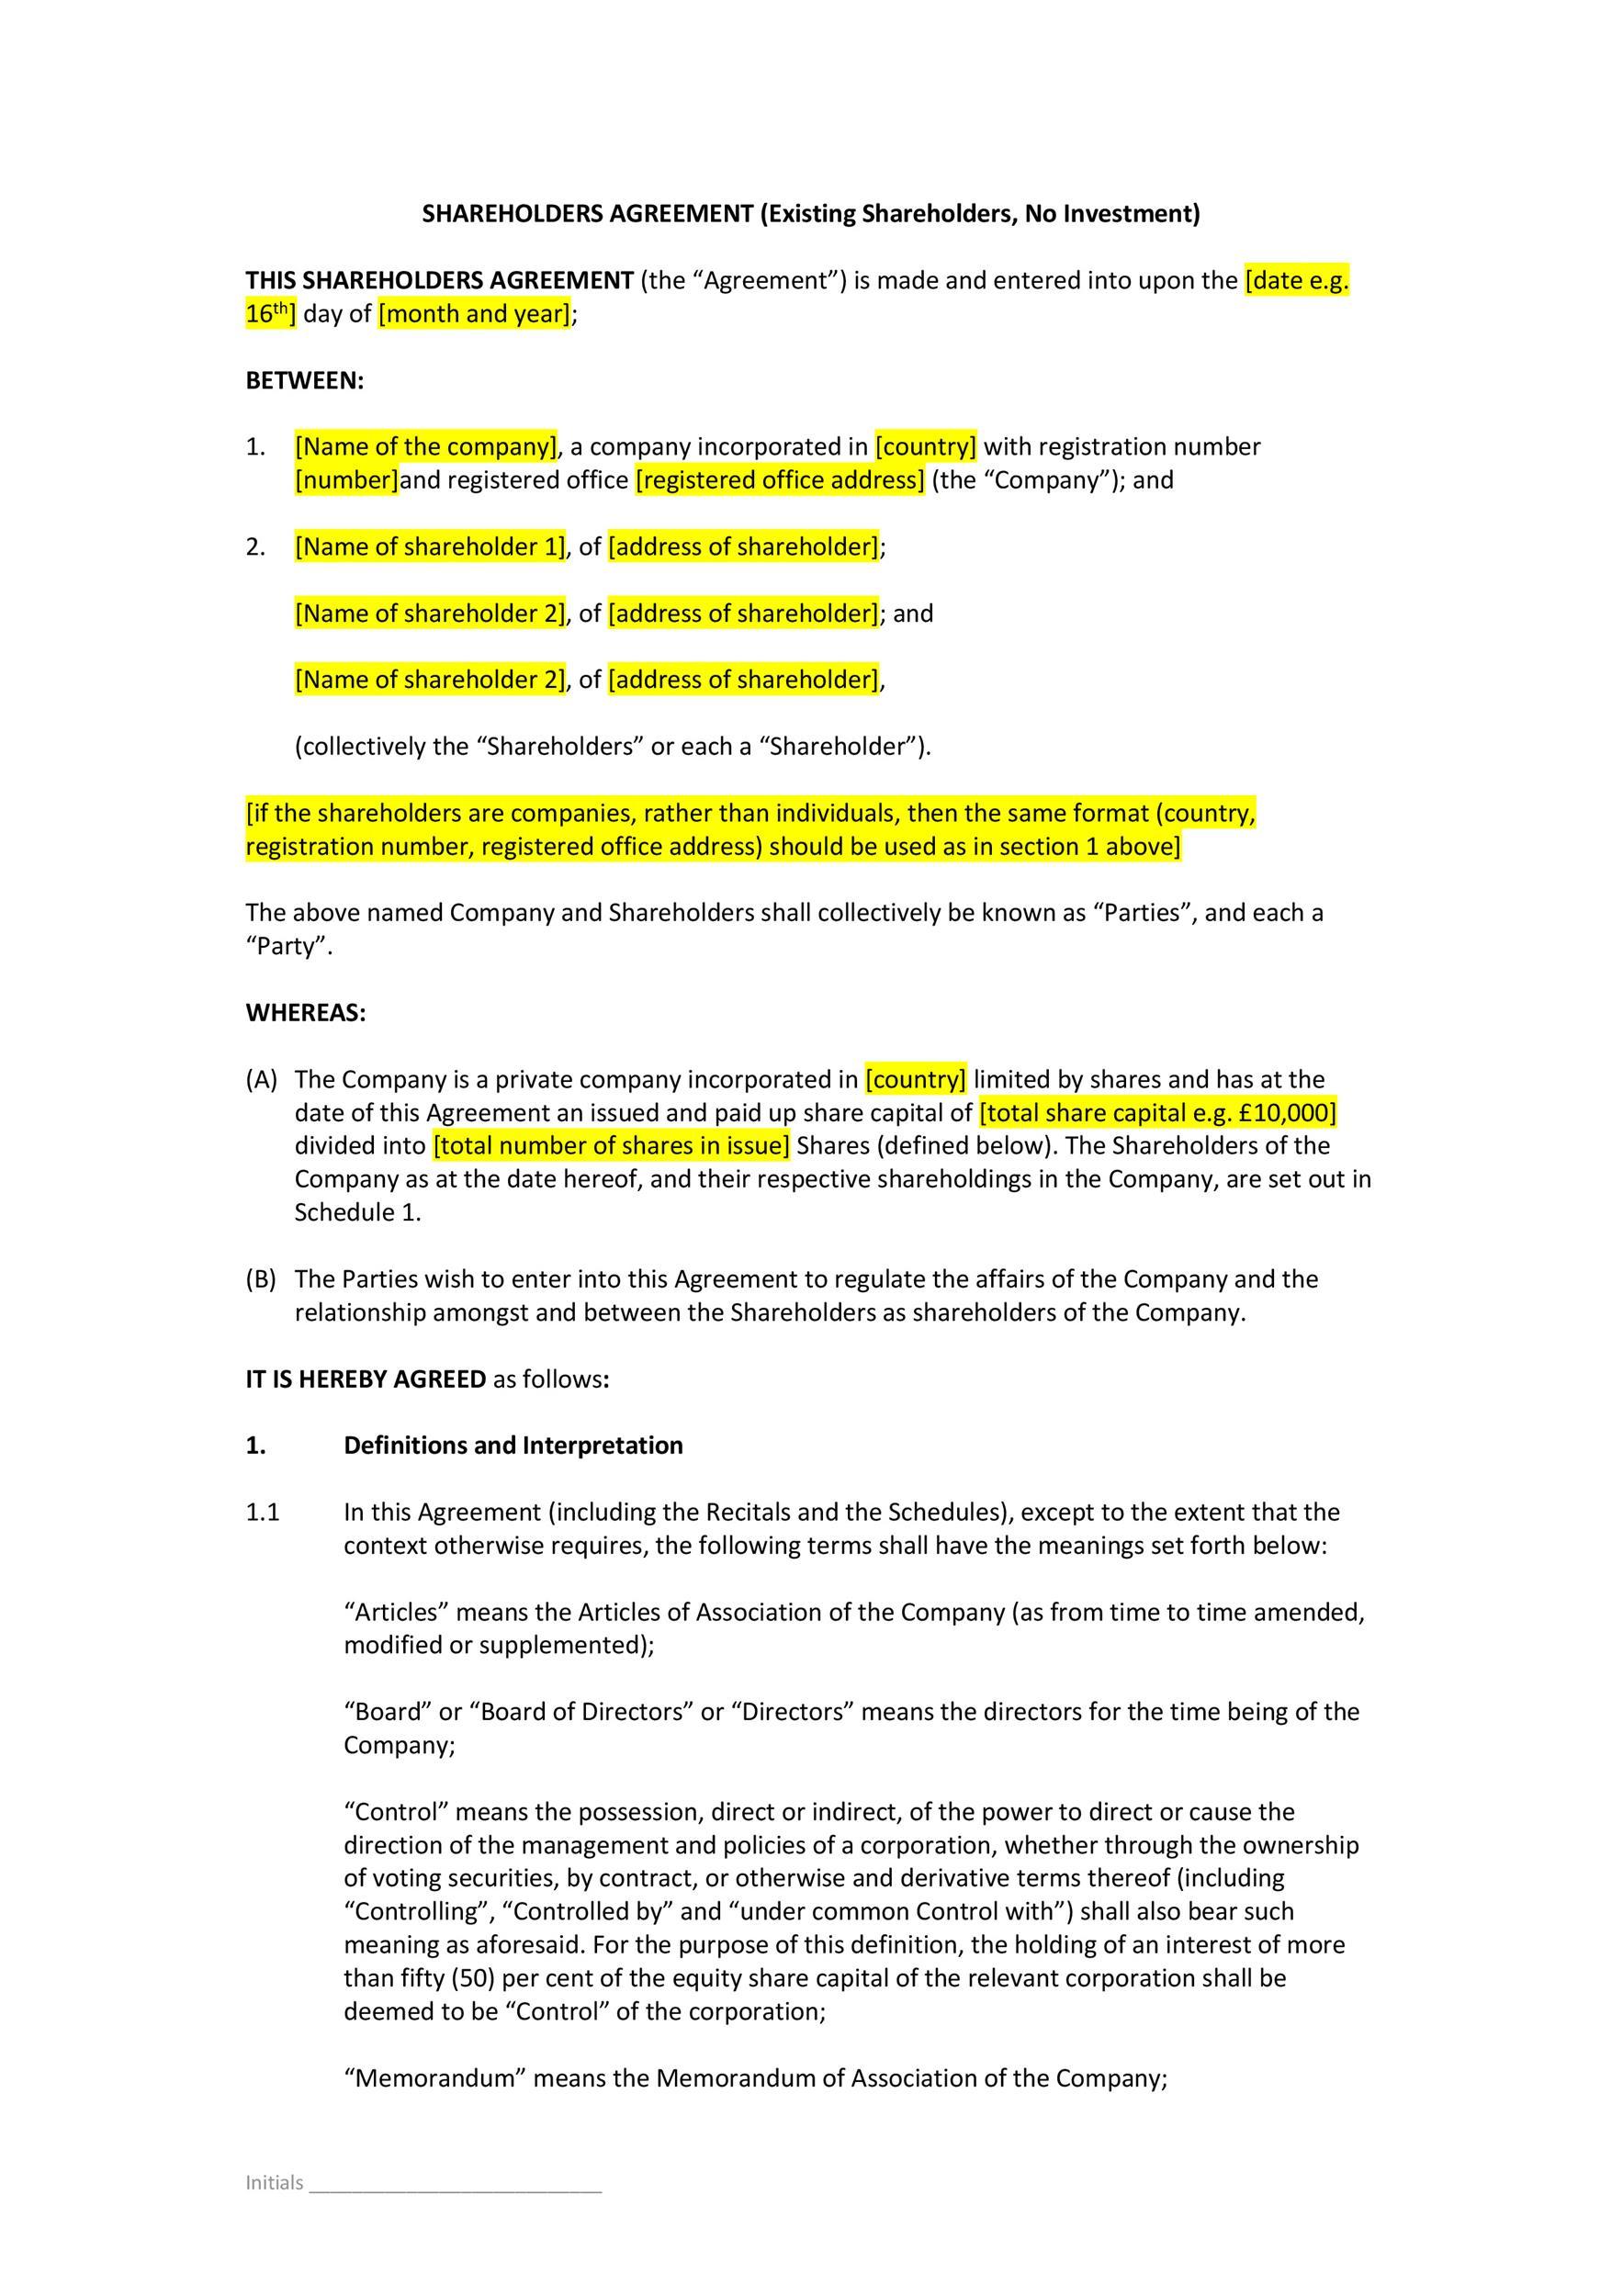 Free shareholder agreement 39